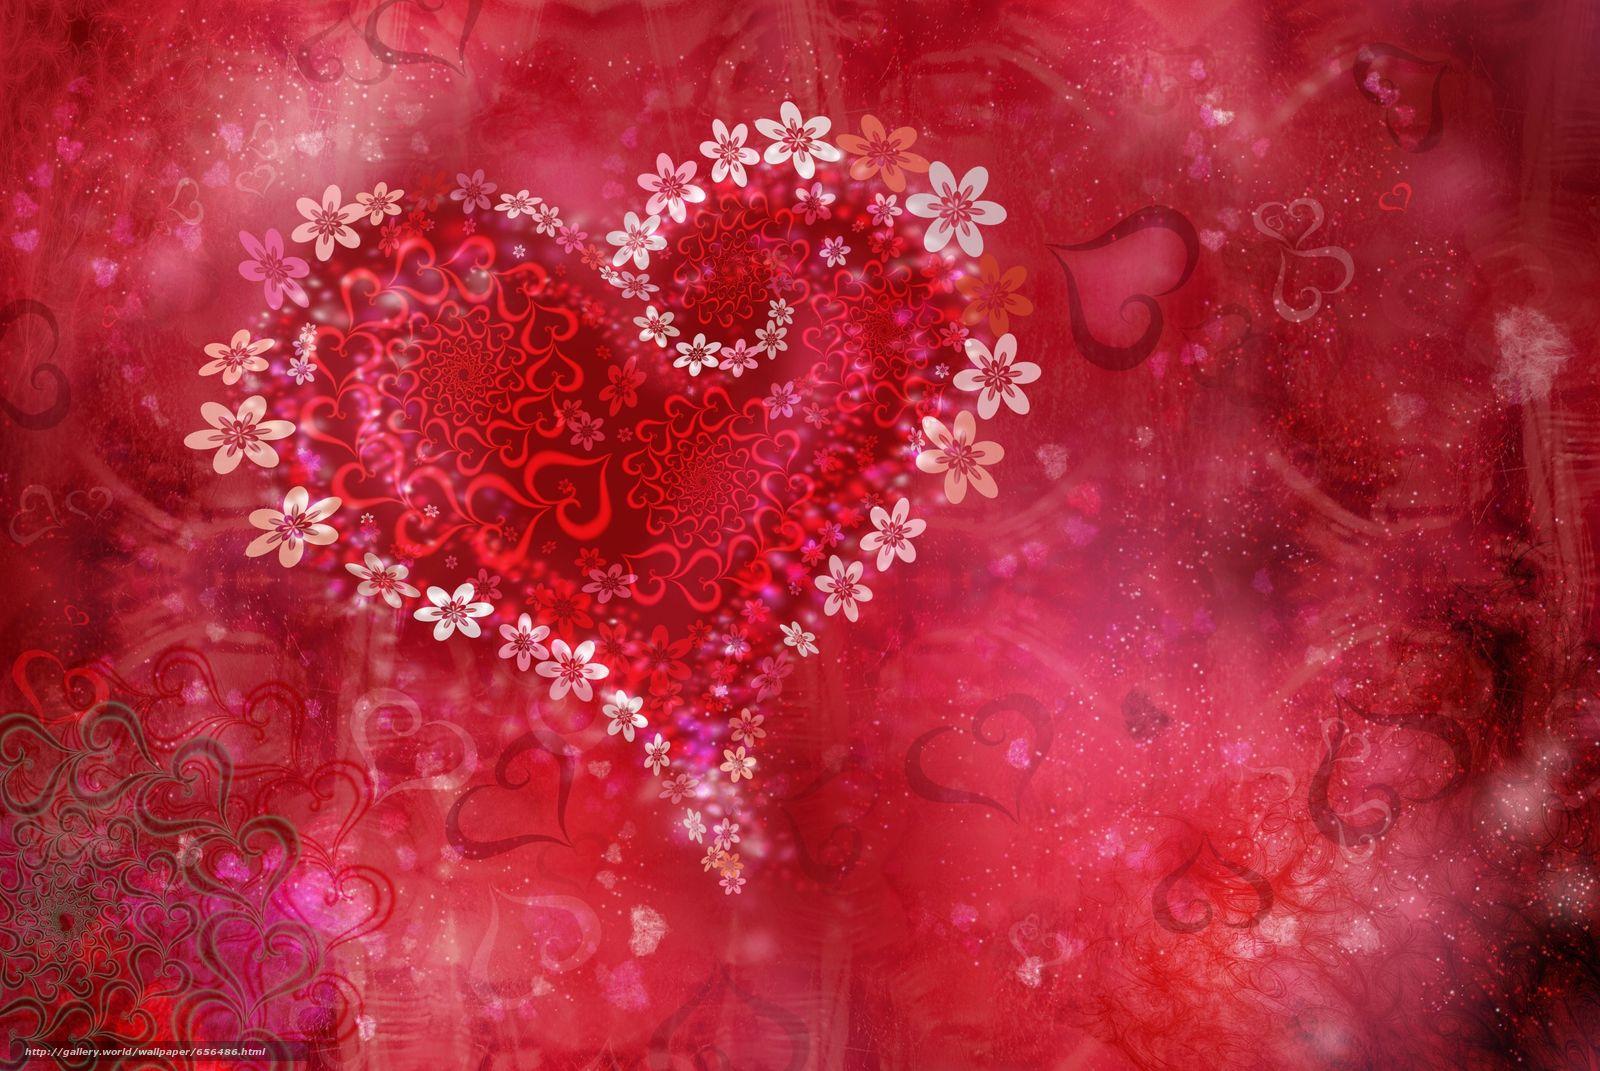 Скачать обои обои от Kisenok,  день святого валентина,  день всех влюбленных,  праздник бесплатно для рабочего стола в разрешении 3872x2592 — картинка №656486